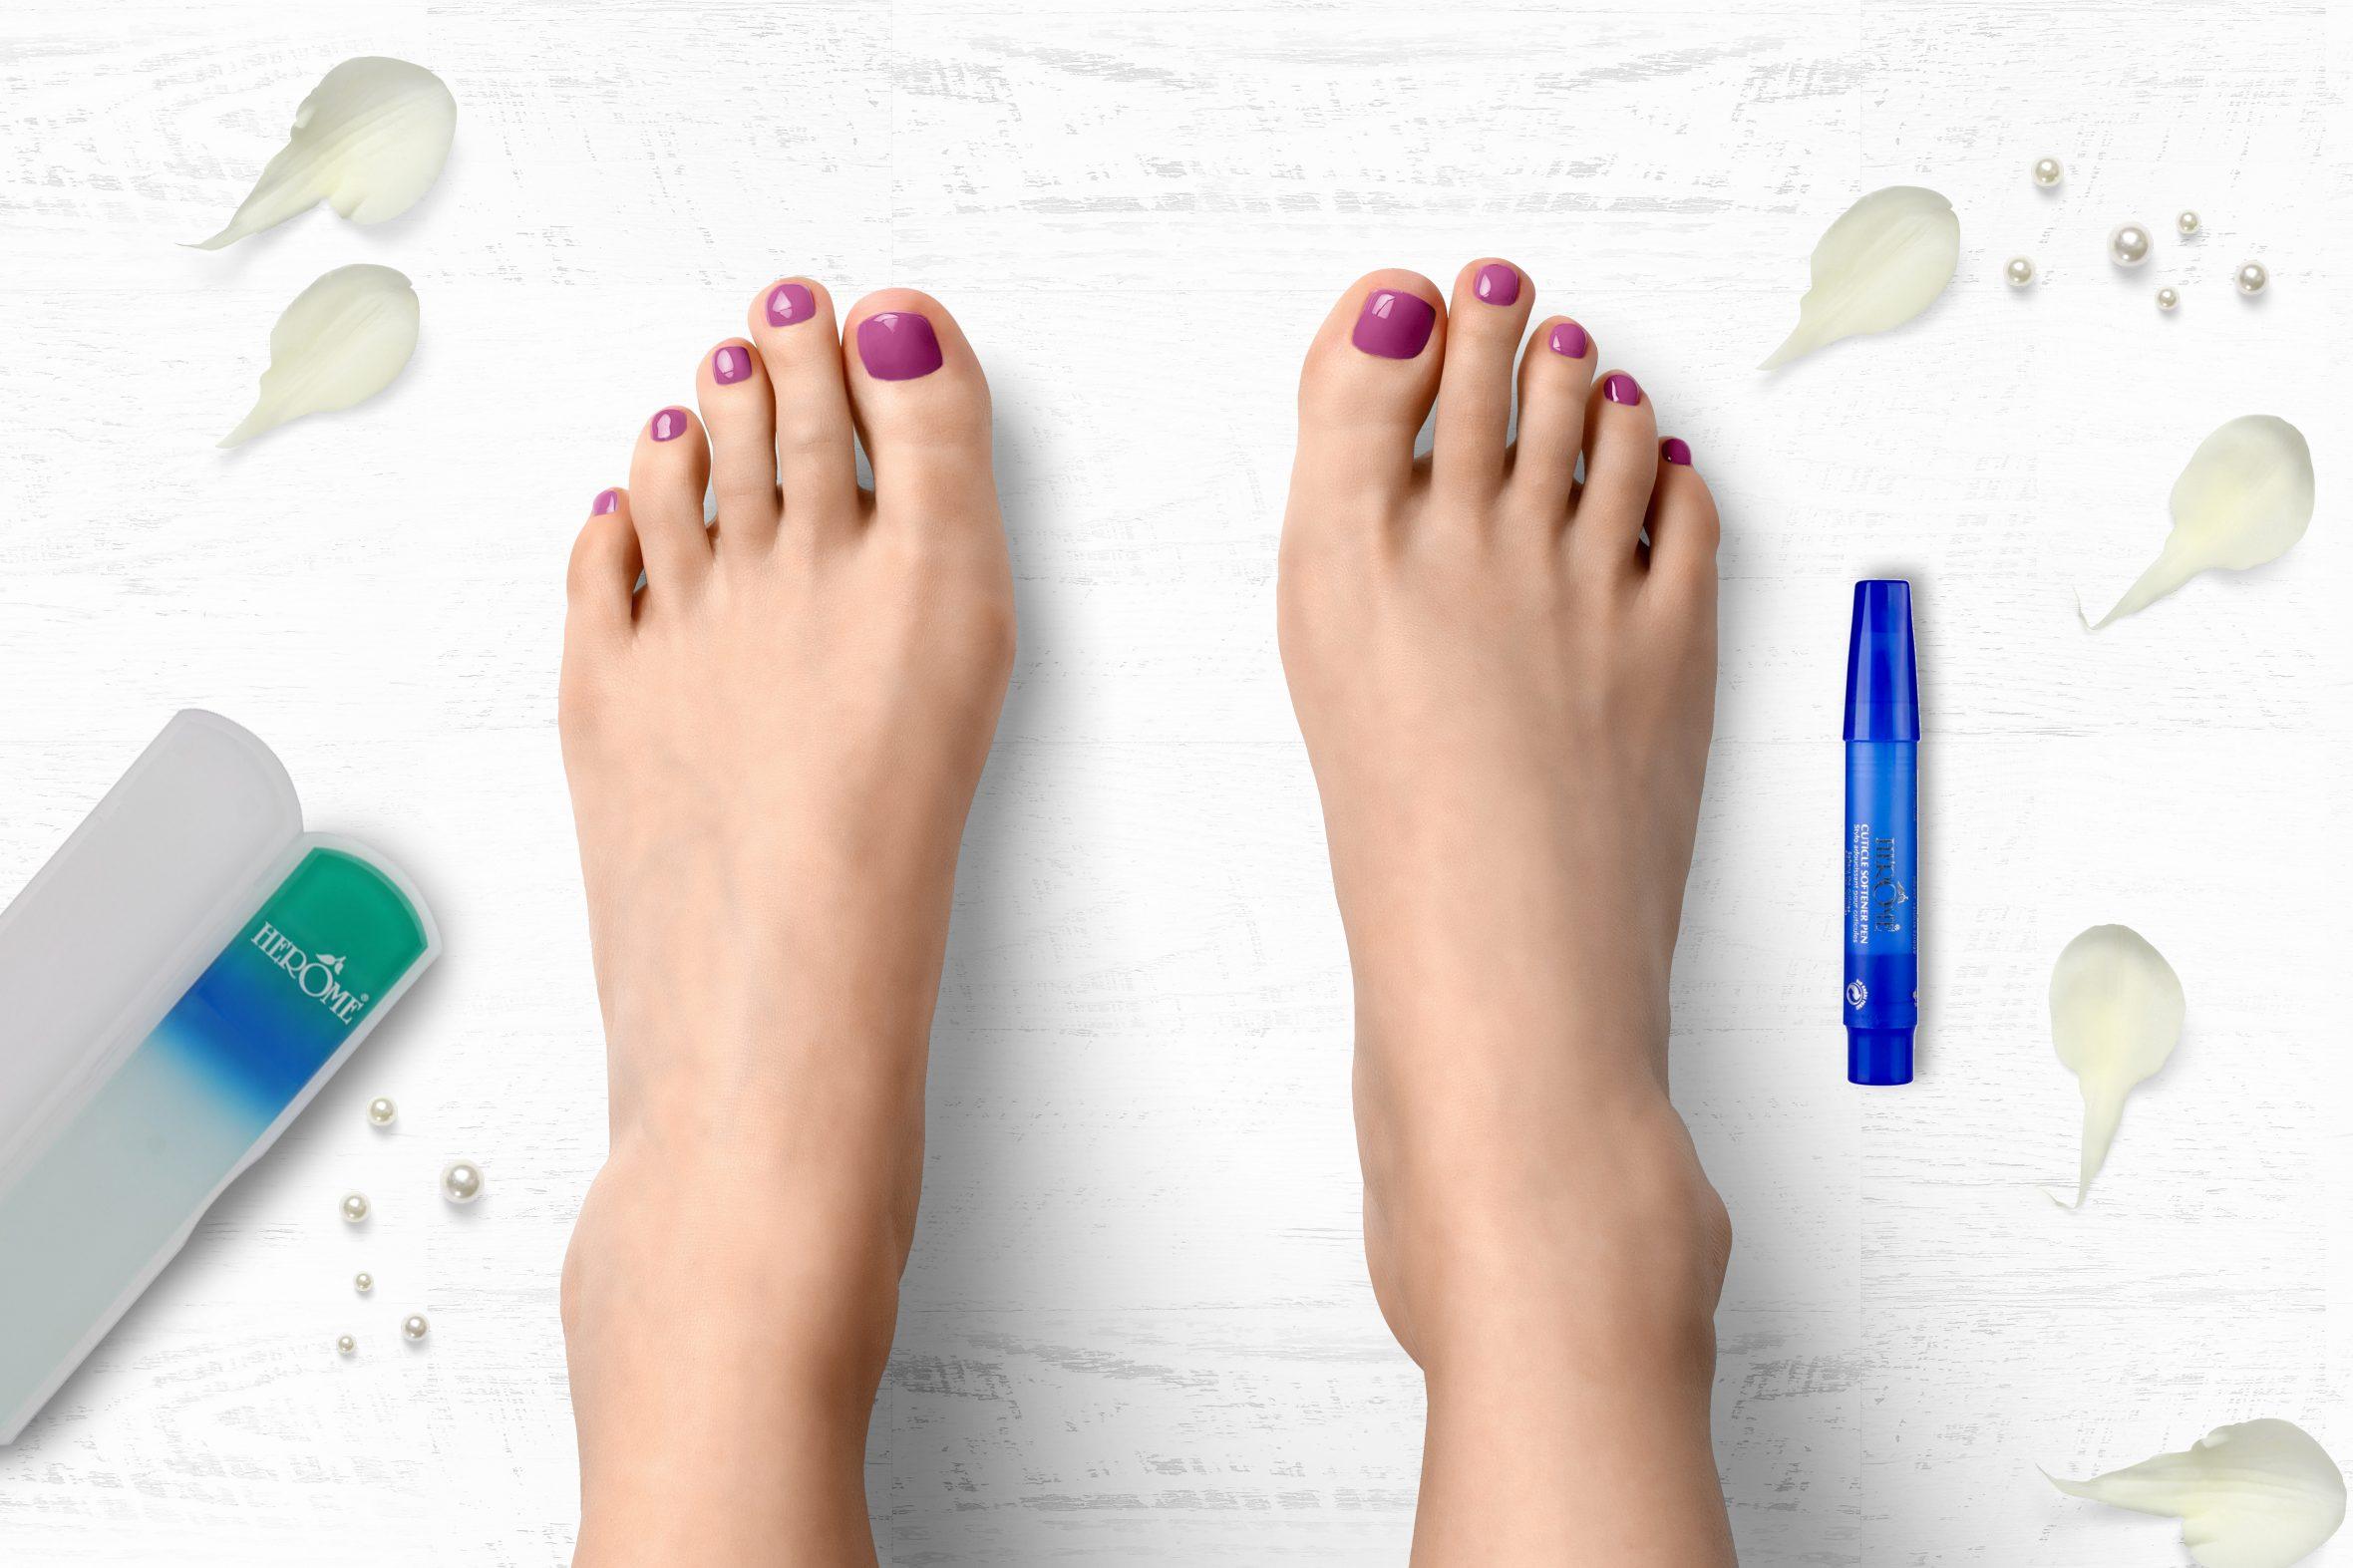 Paarse nagellak van Herôme voor een lente/zomer manicure